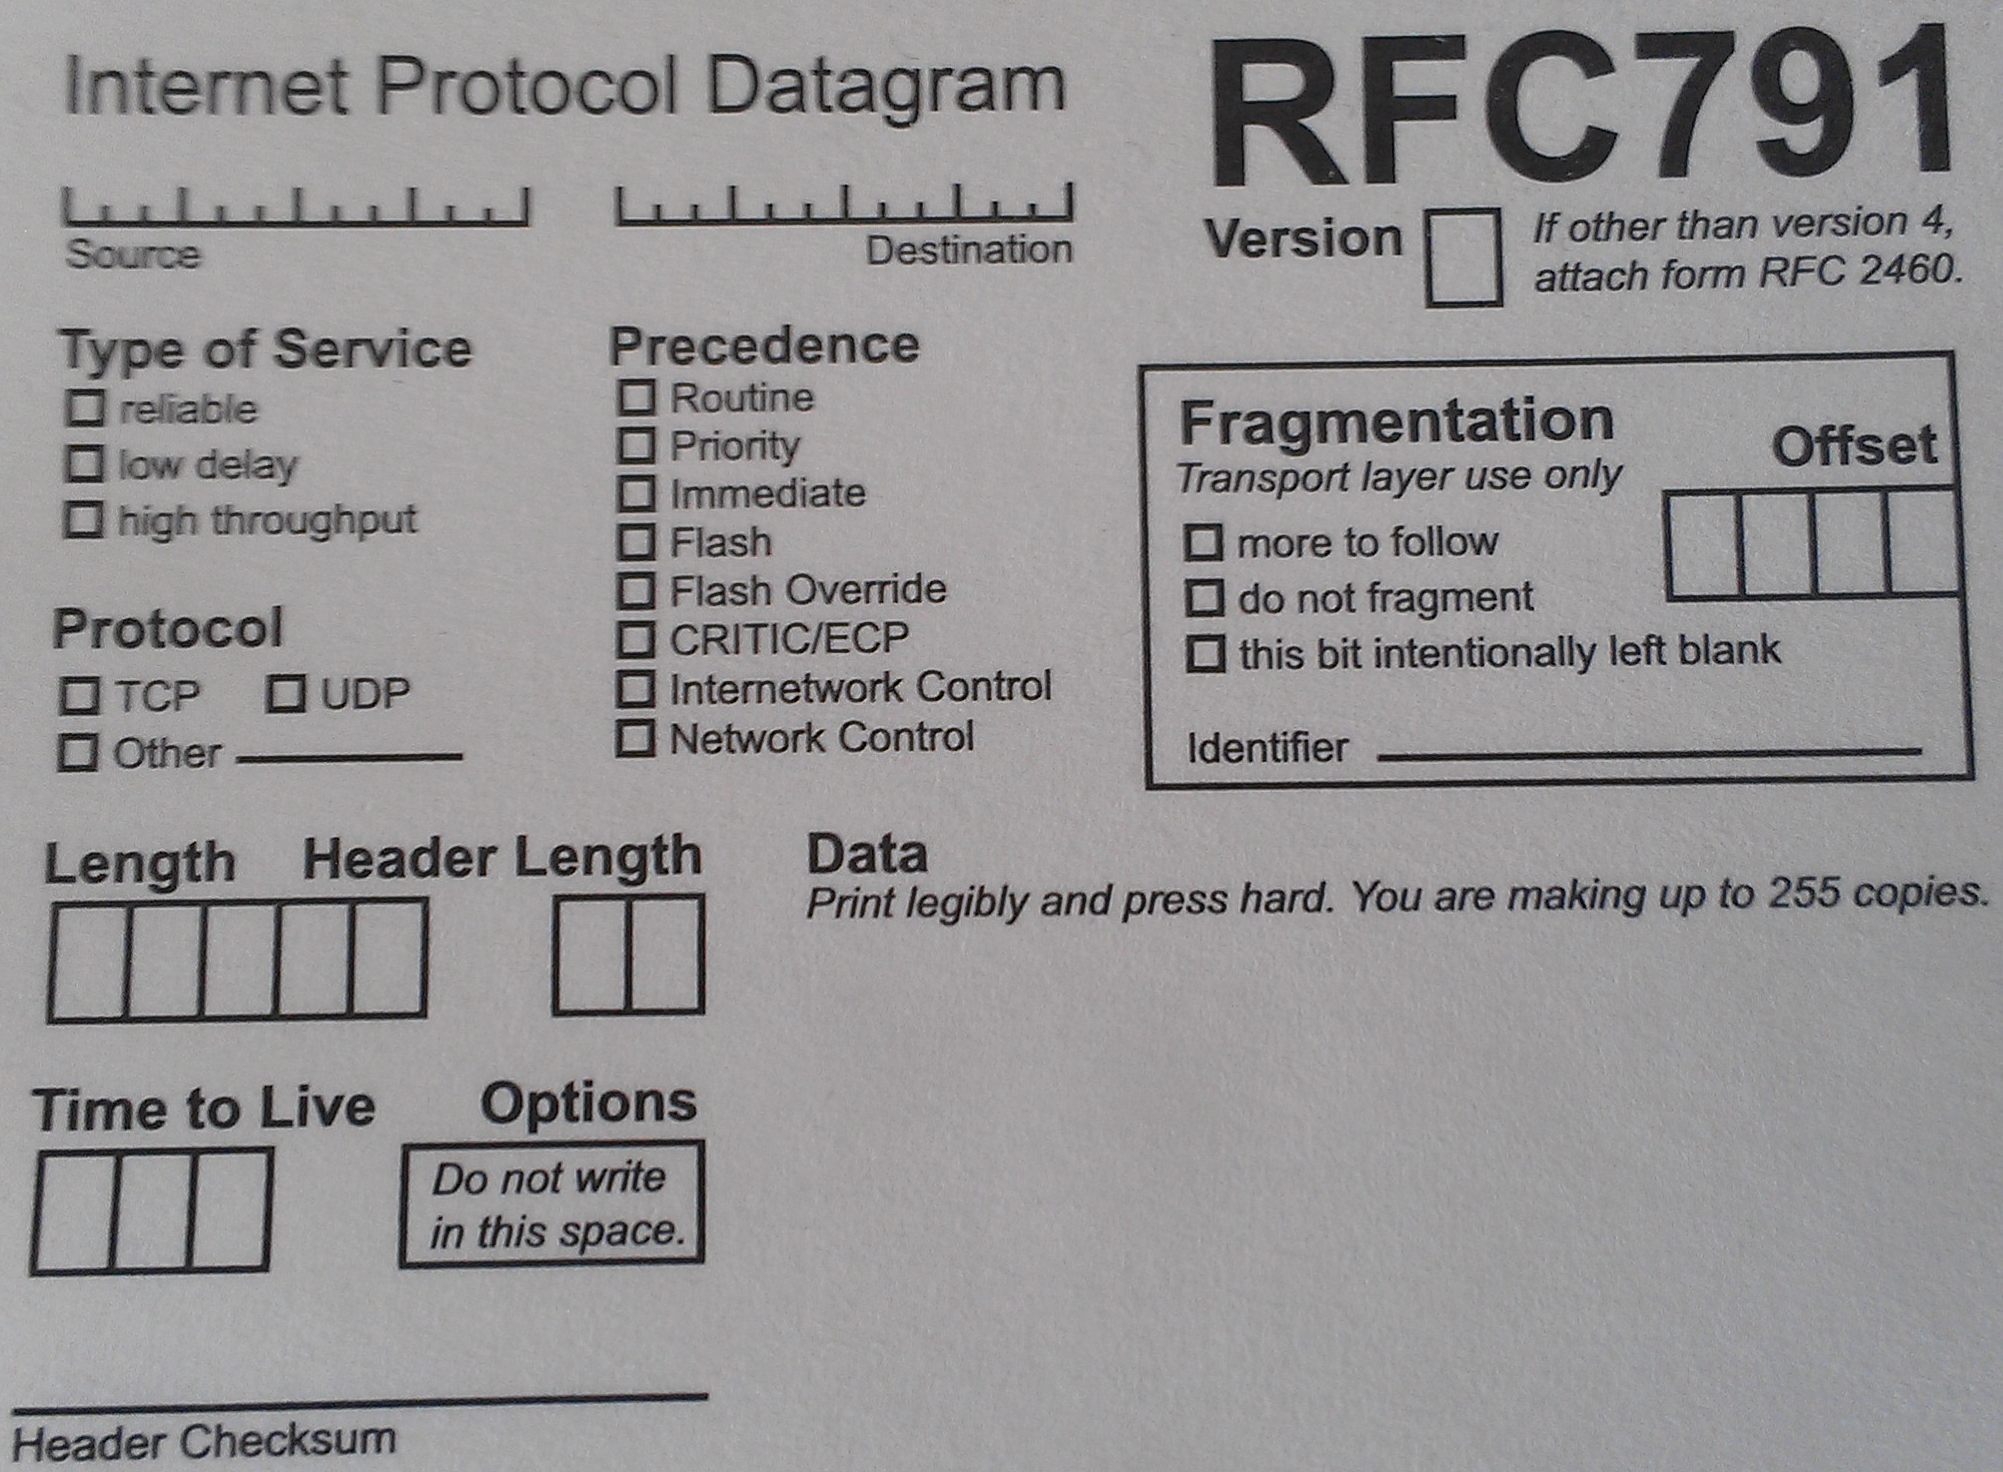 Form RFC 791